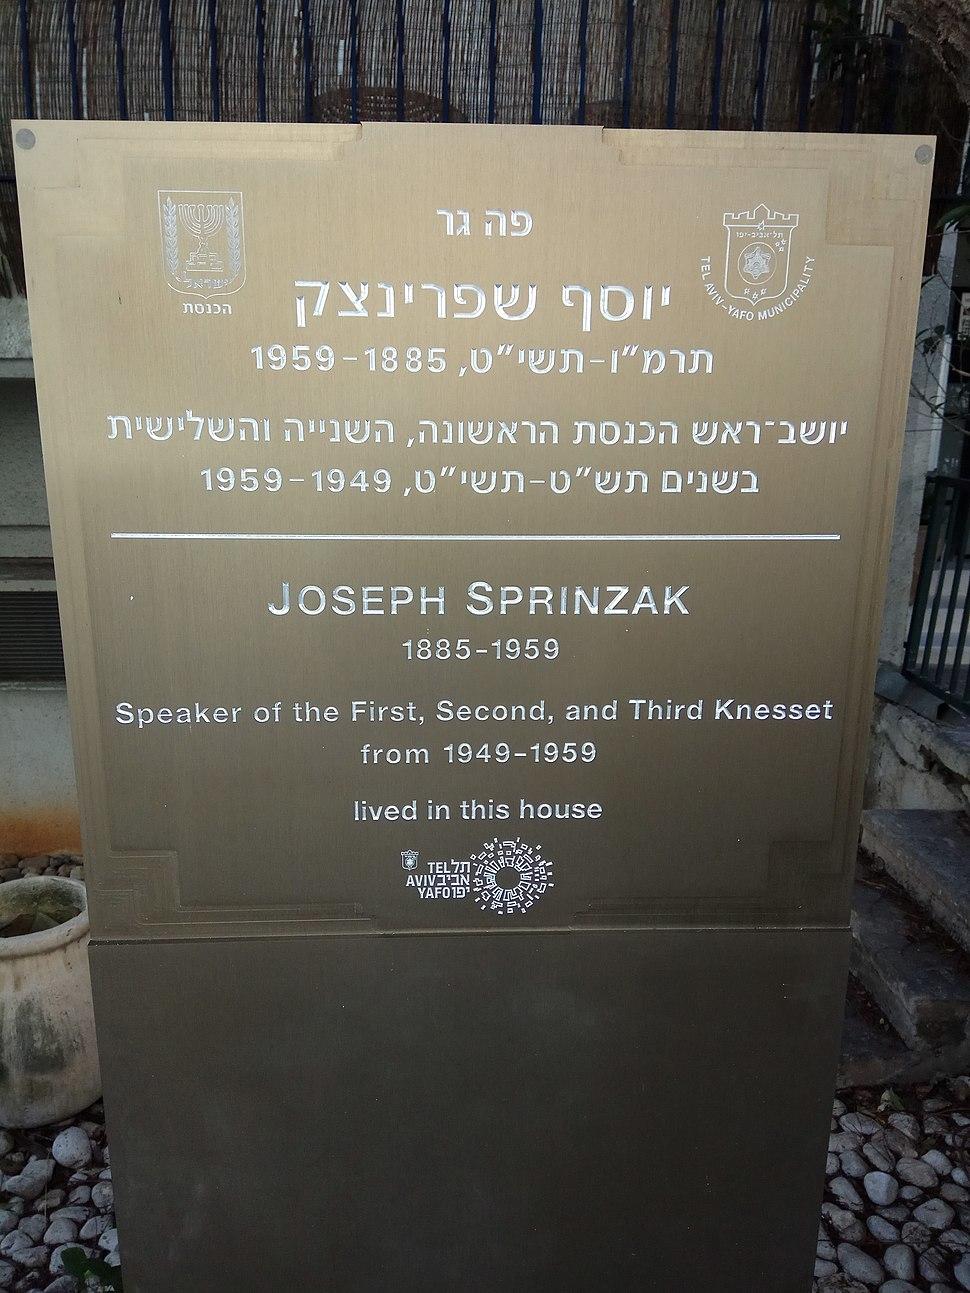 Yosef Sprinzak memorial plaque in Tel Aviv